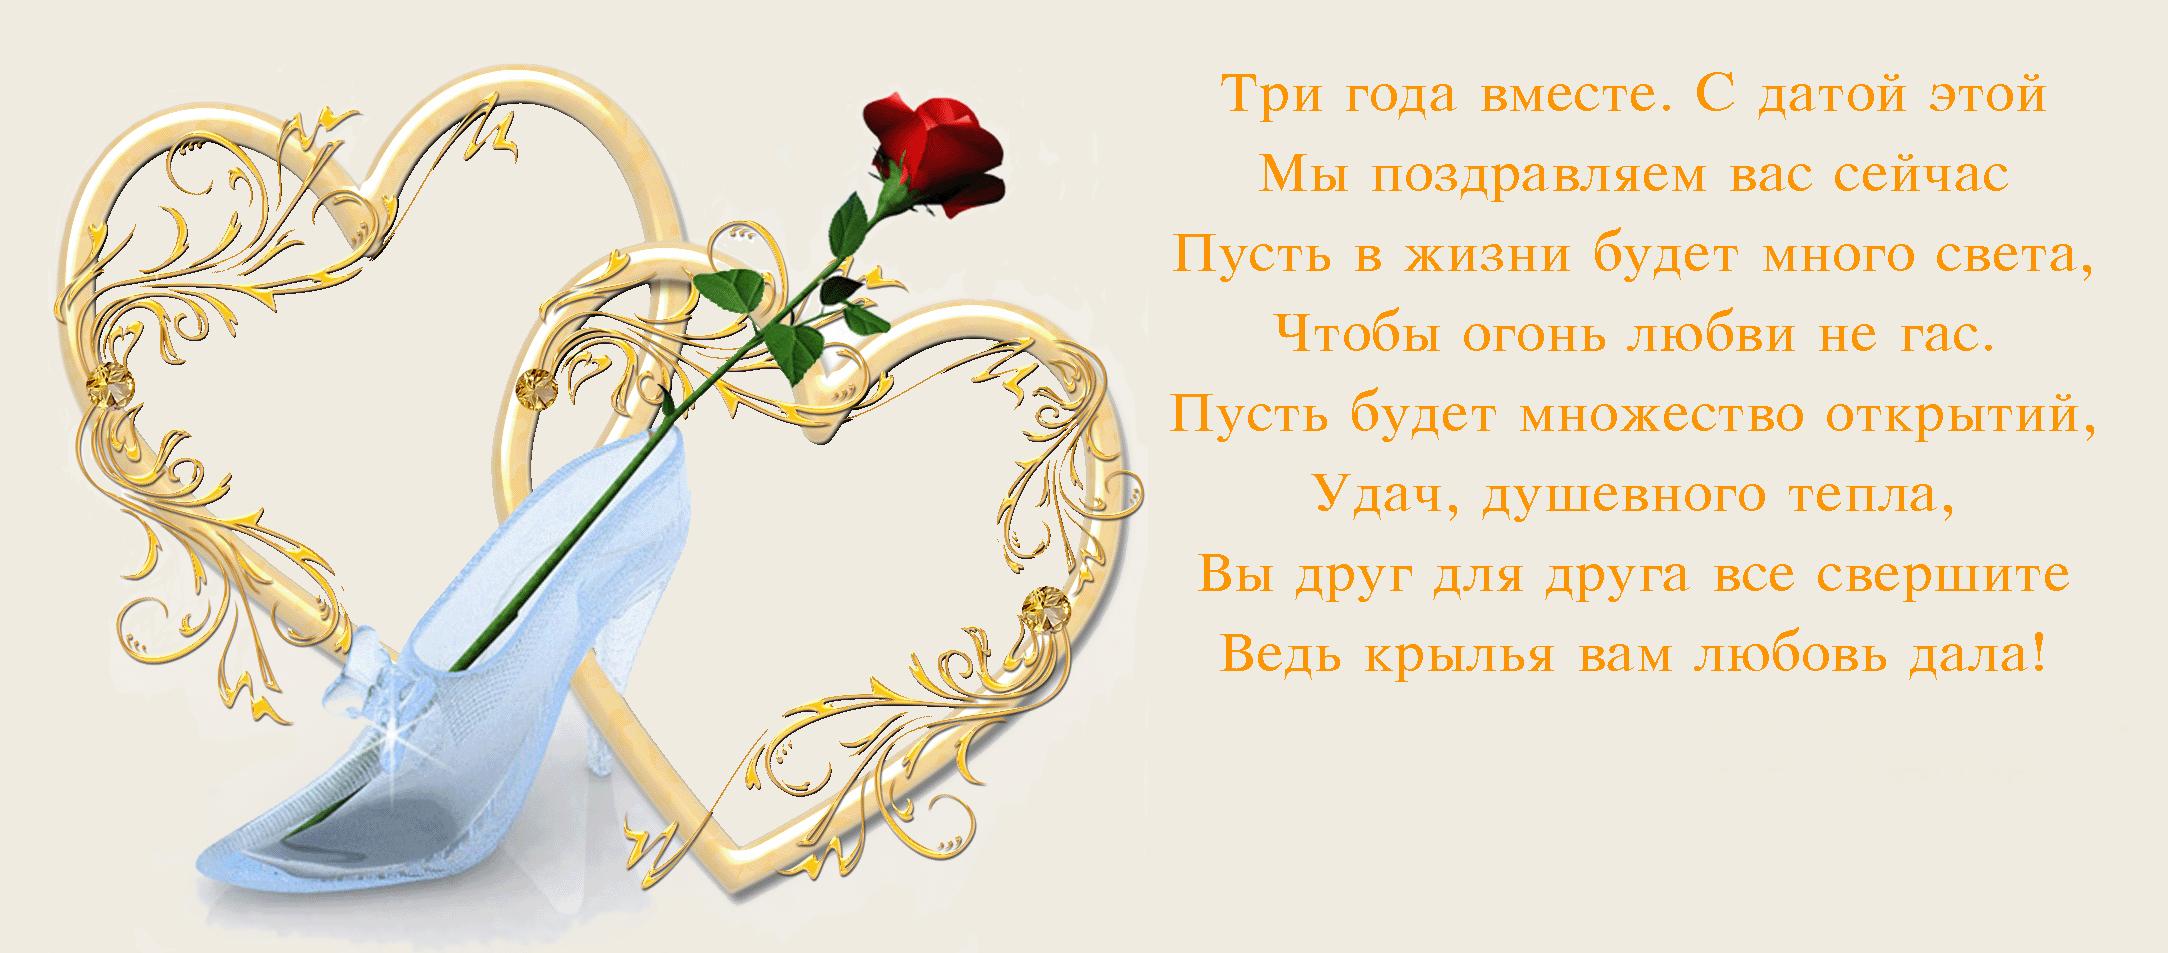 Поздравления на годовщину свадьбы в смс стихах красивые 707